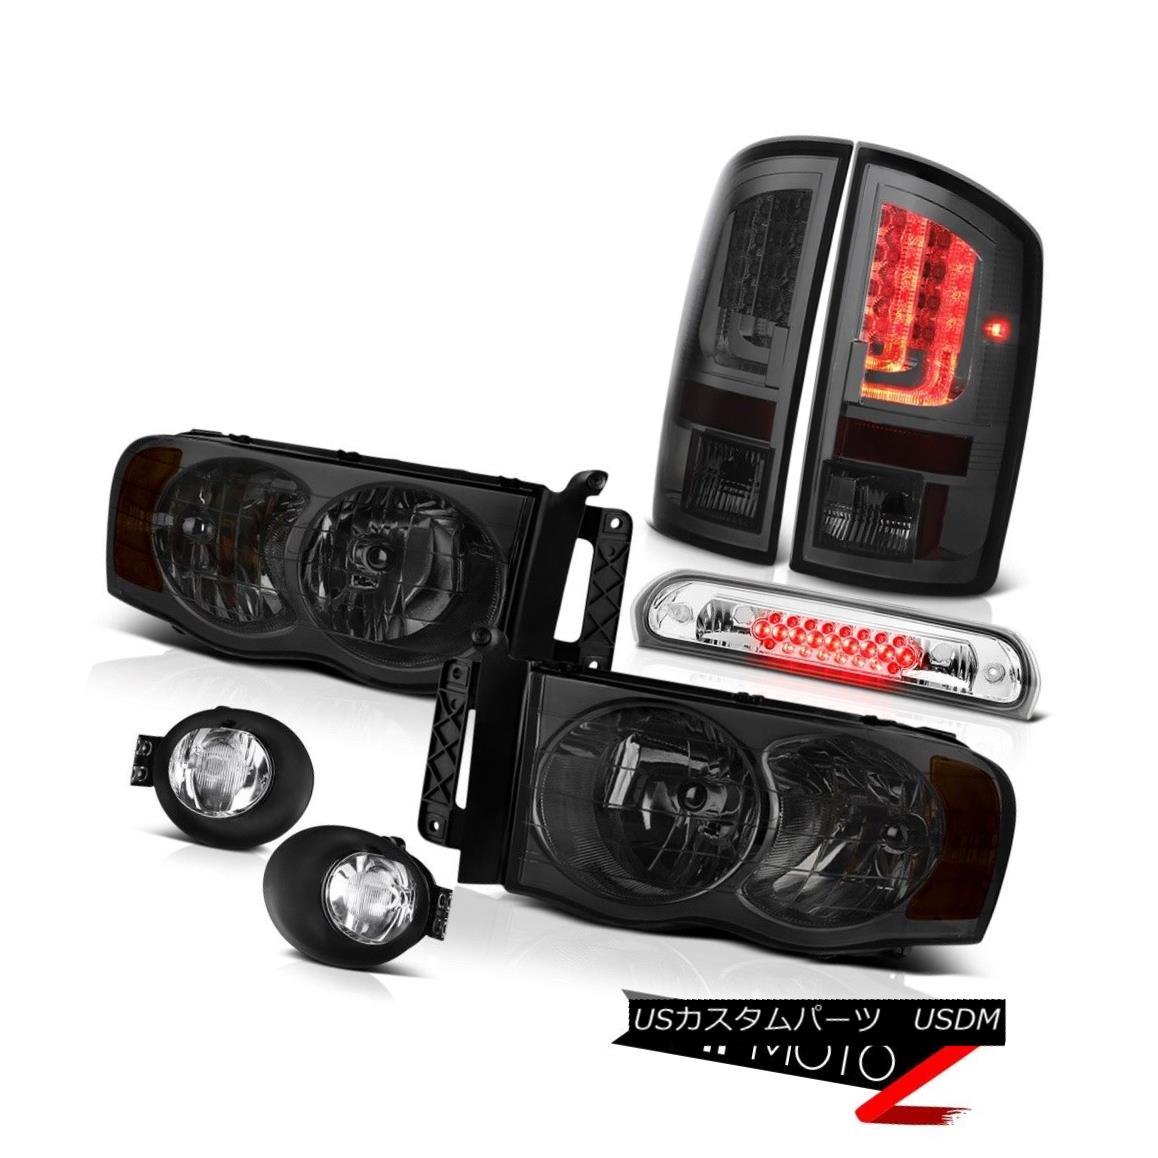 テールライト 02-05 Dodge Ram 2500 3500 SLT Tail Lamps Fog Headlamps High STop Lamp OLED Prism 02-05 Dodge Ram 2500 3500 SLTテールランプ曇りヘッドランプHigh STOPランプOLED Prism